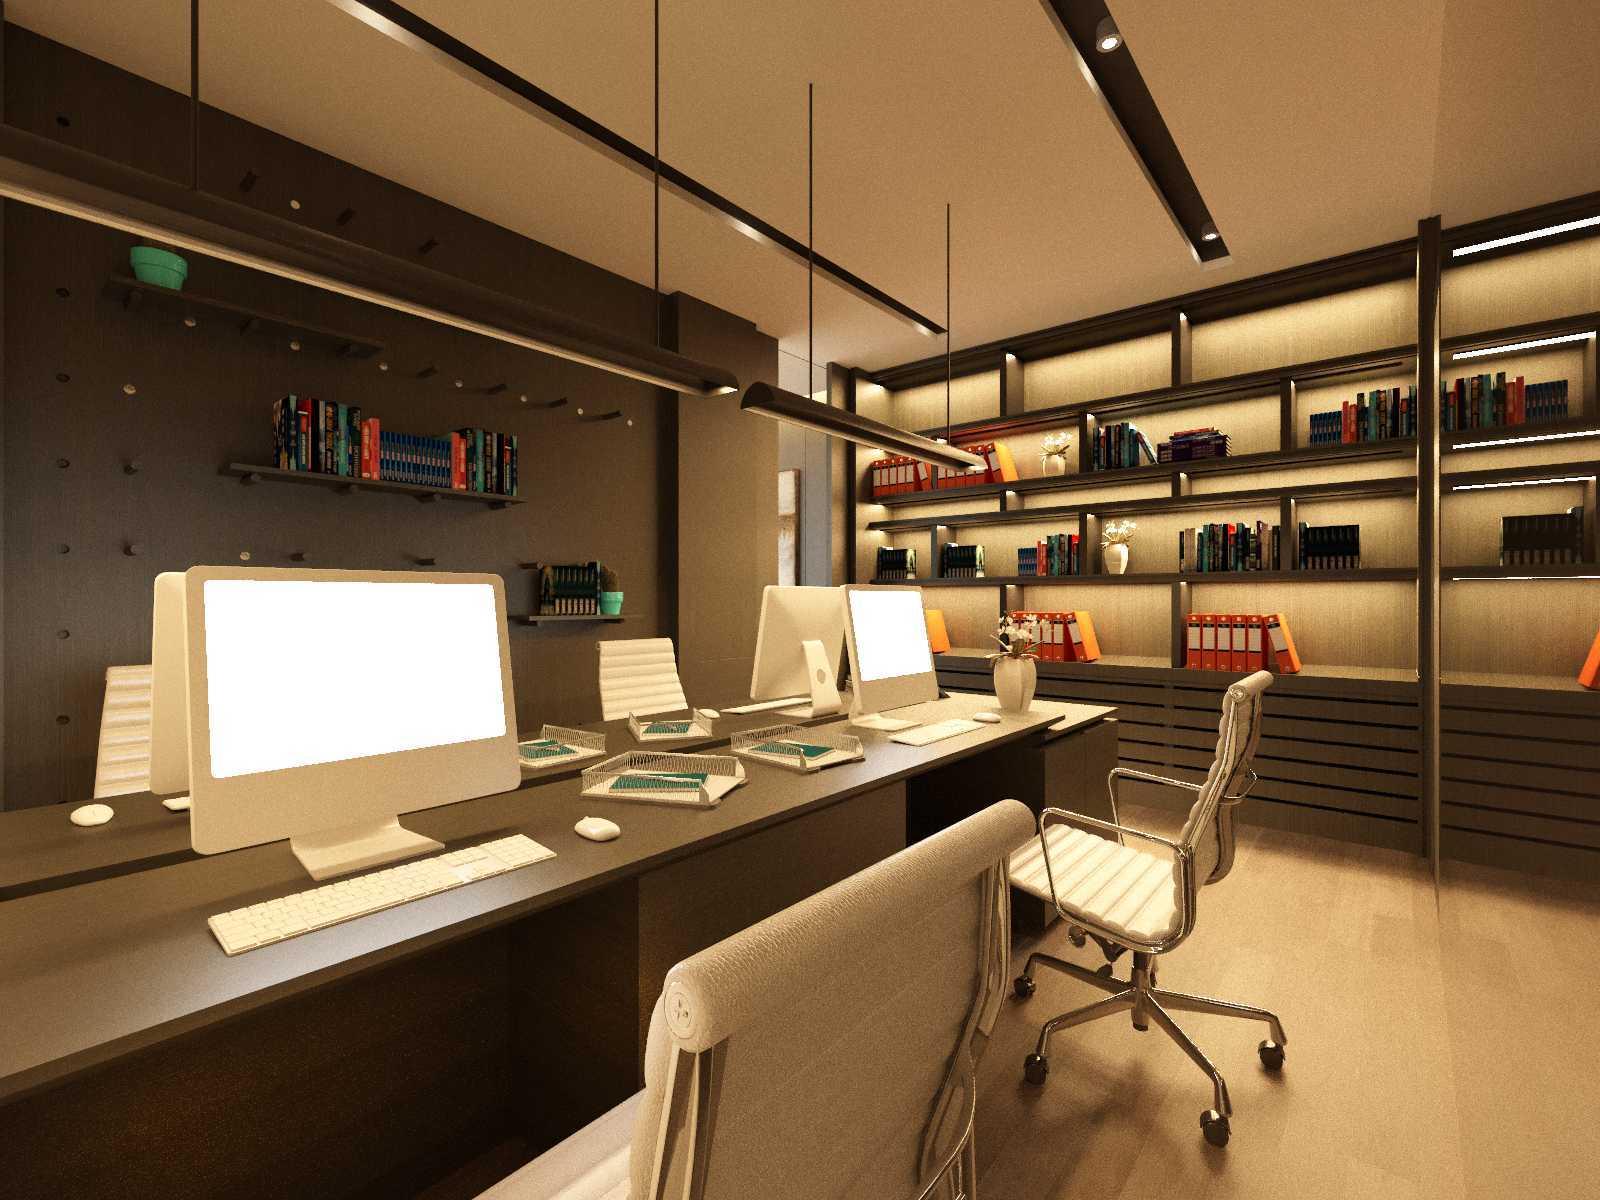 Mitrasasana - Design & Build Merta Dadi Jaya Office Bali, Indonesia Bali, Indonesia Mitrasasana-Design-Build-Merta-Dadi-Jaya-Office  70263